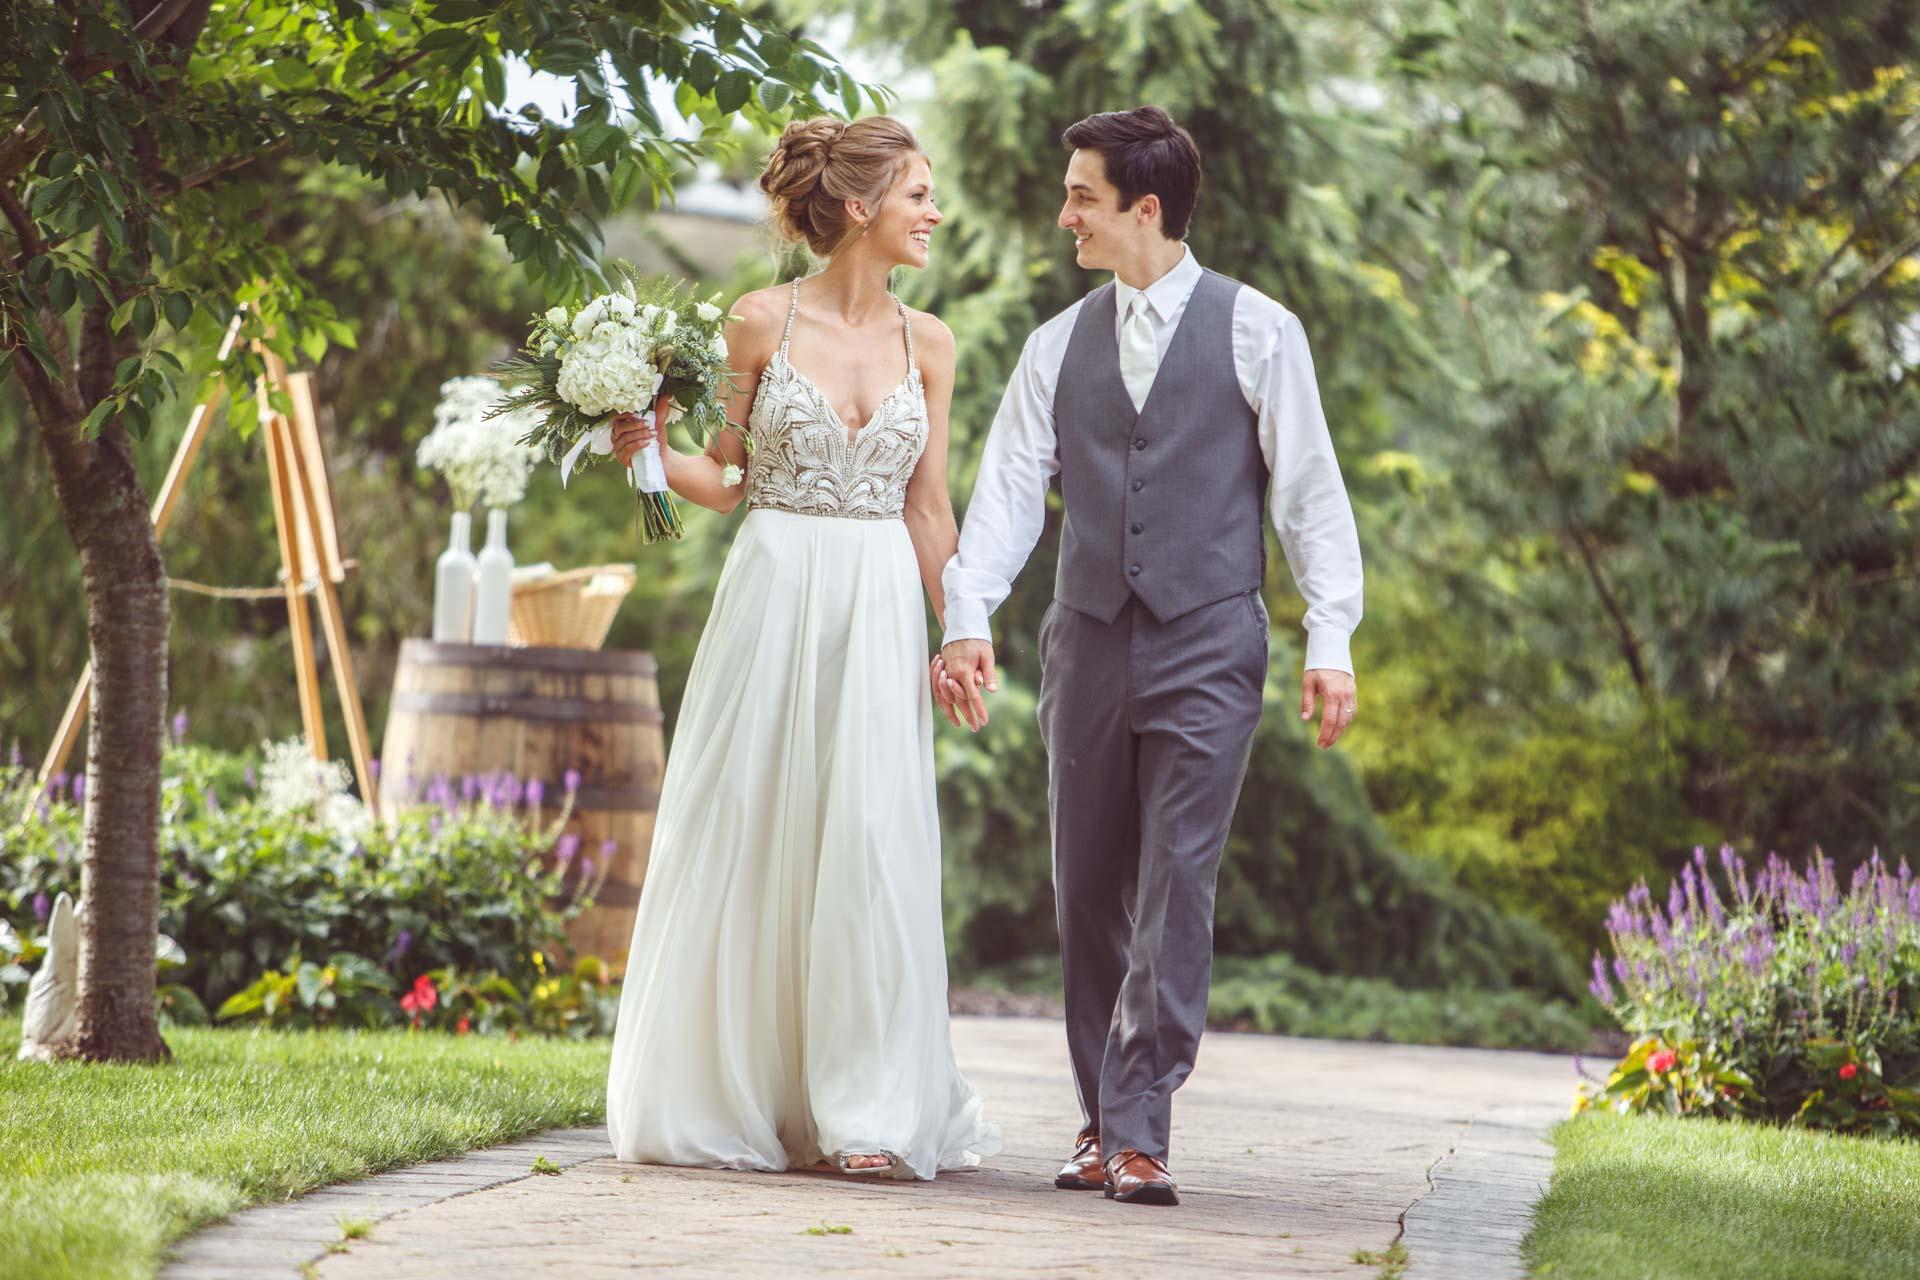 Farmington-Gardens-Wedding-Photos (40 of 66).jpg